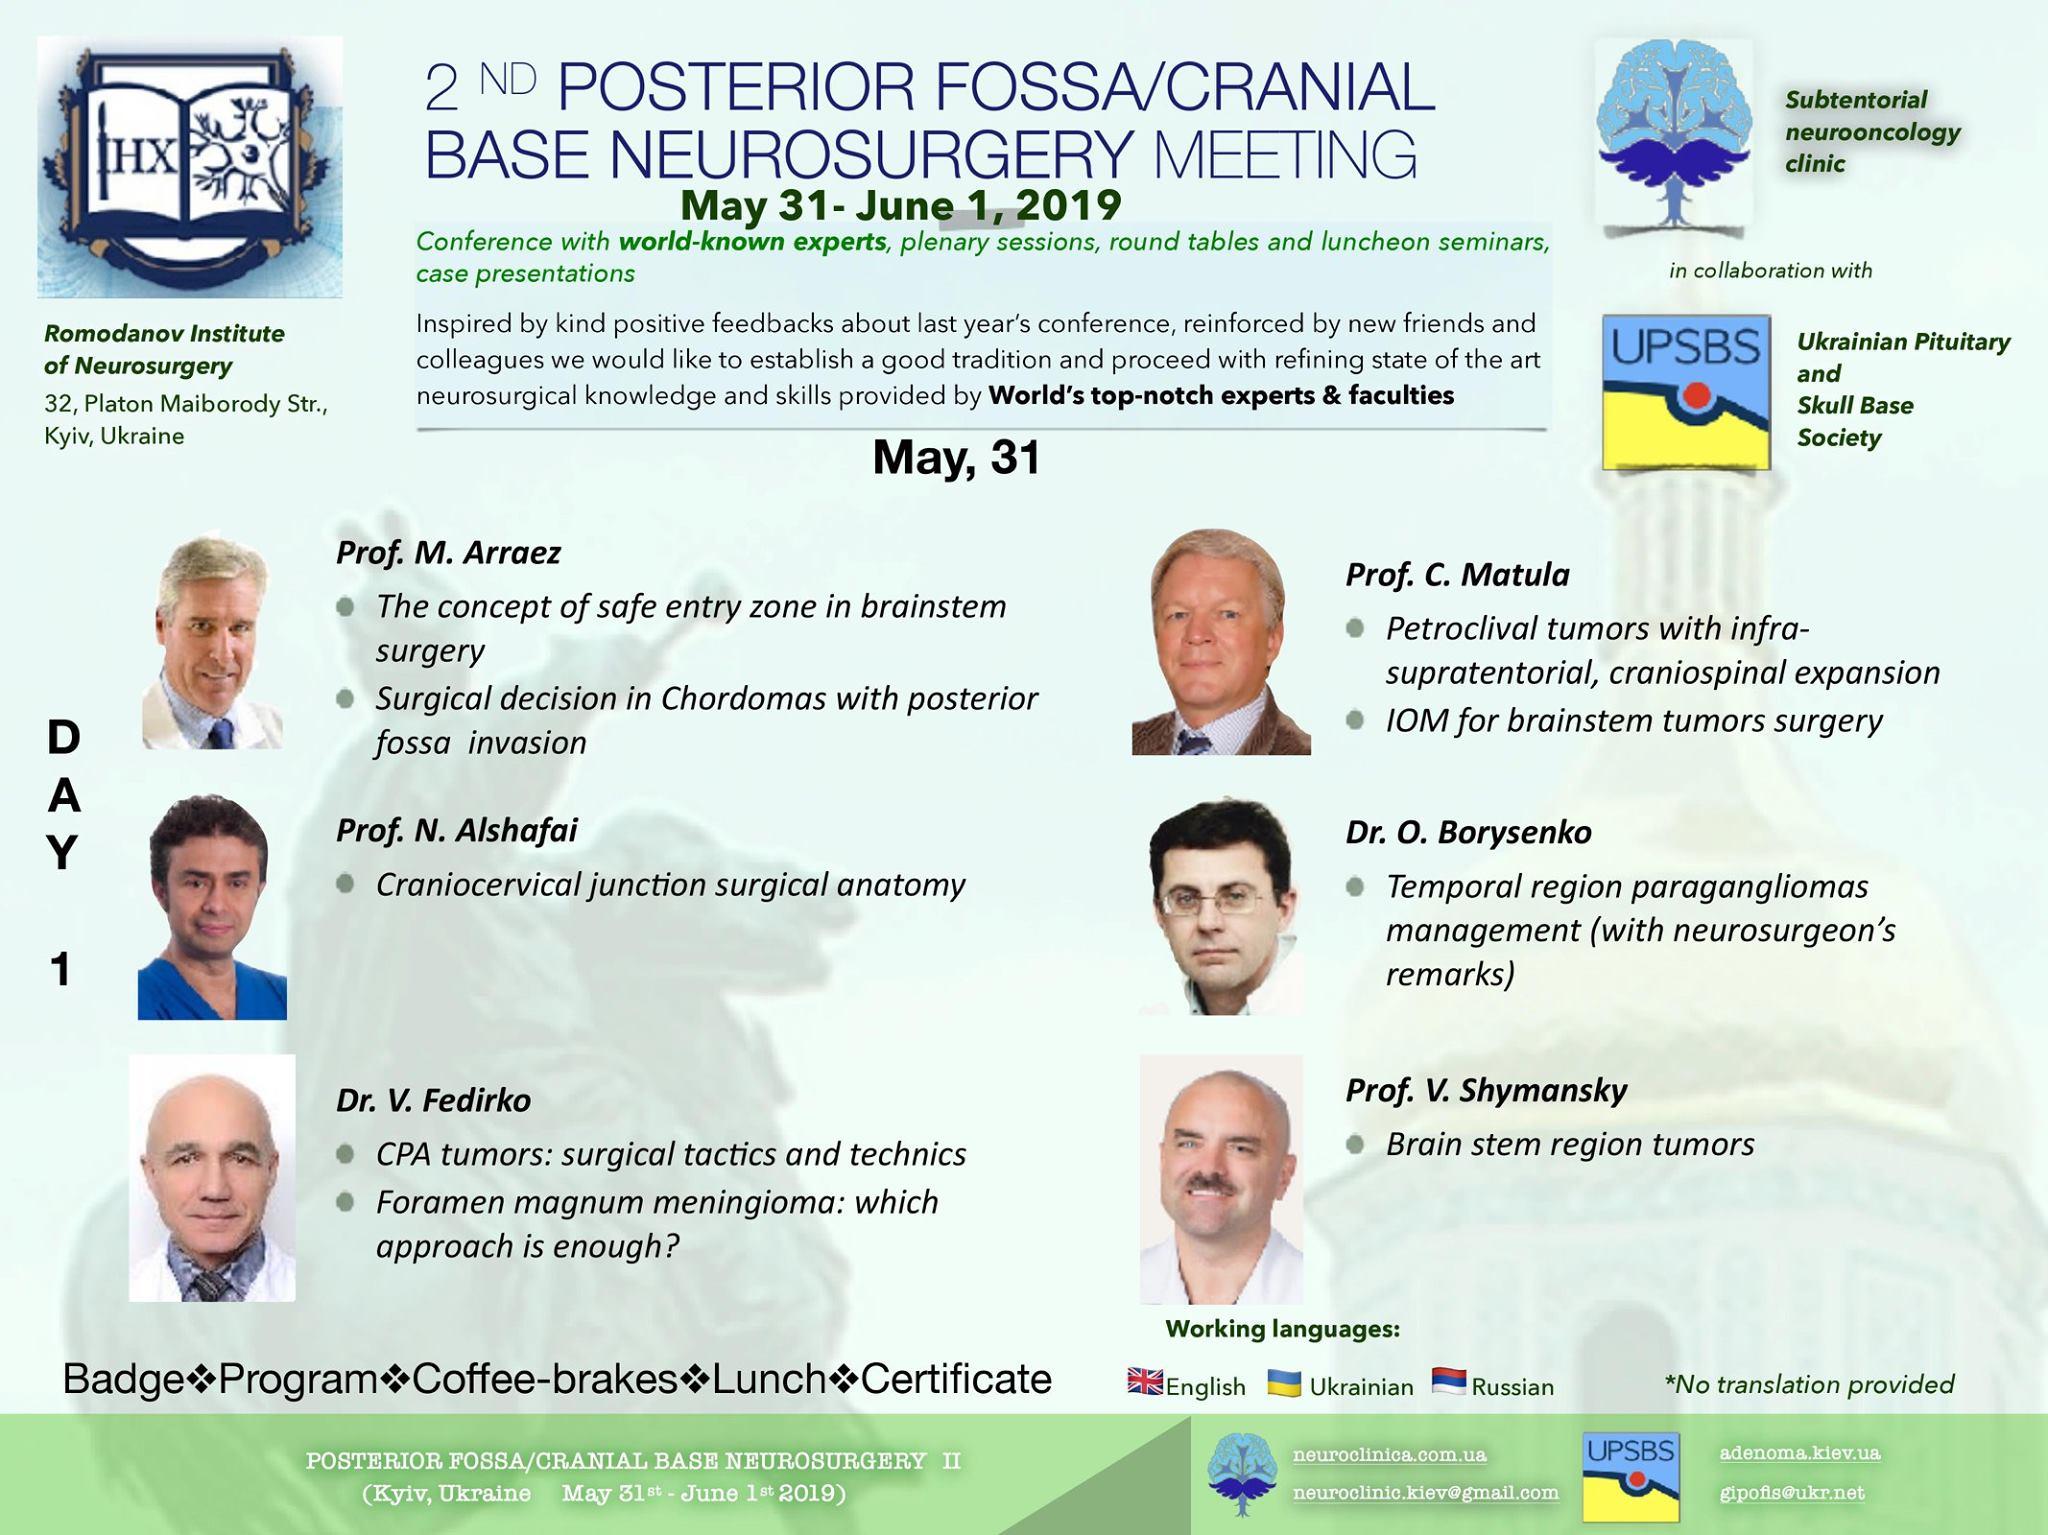 """Запрошуємо всіх взяти участь у конференції, яку наша ГО """"Українська гіпофізарна спілка"""" проводить разом із клінікою субтенторіальної нейроонкології 31.05.19-01.06.19."""